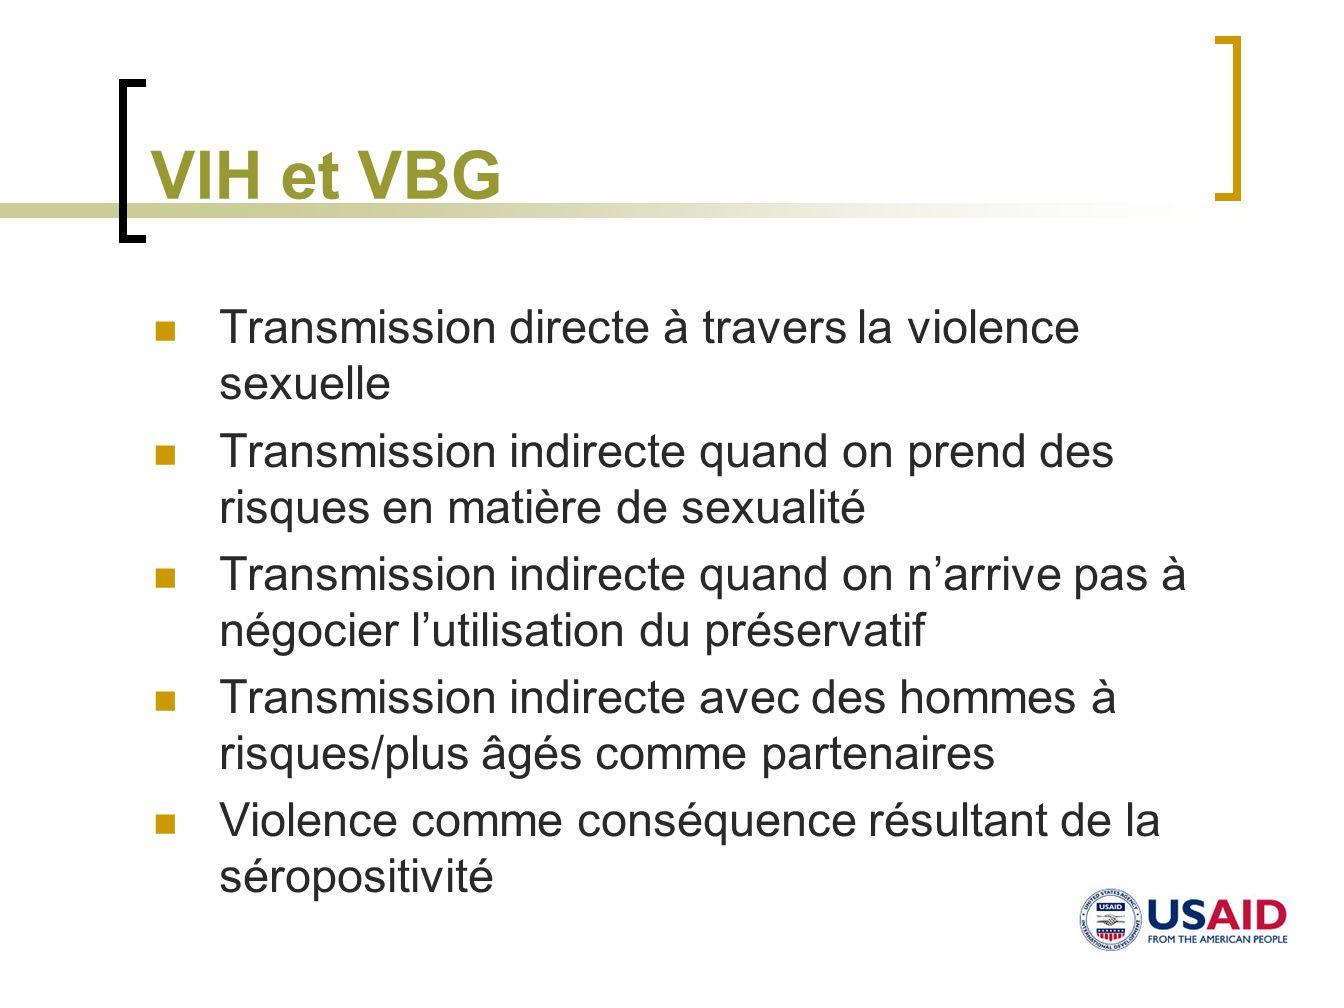 VIH et VBG Transmission directe à travers la violence sexuelle Transmission indirecte quand on prend des risques en matière de sexualité Transmission